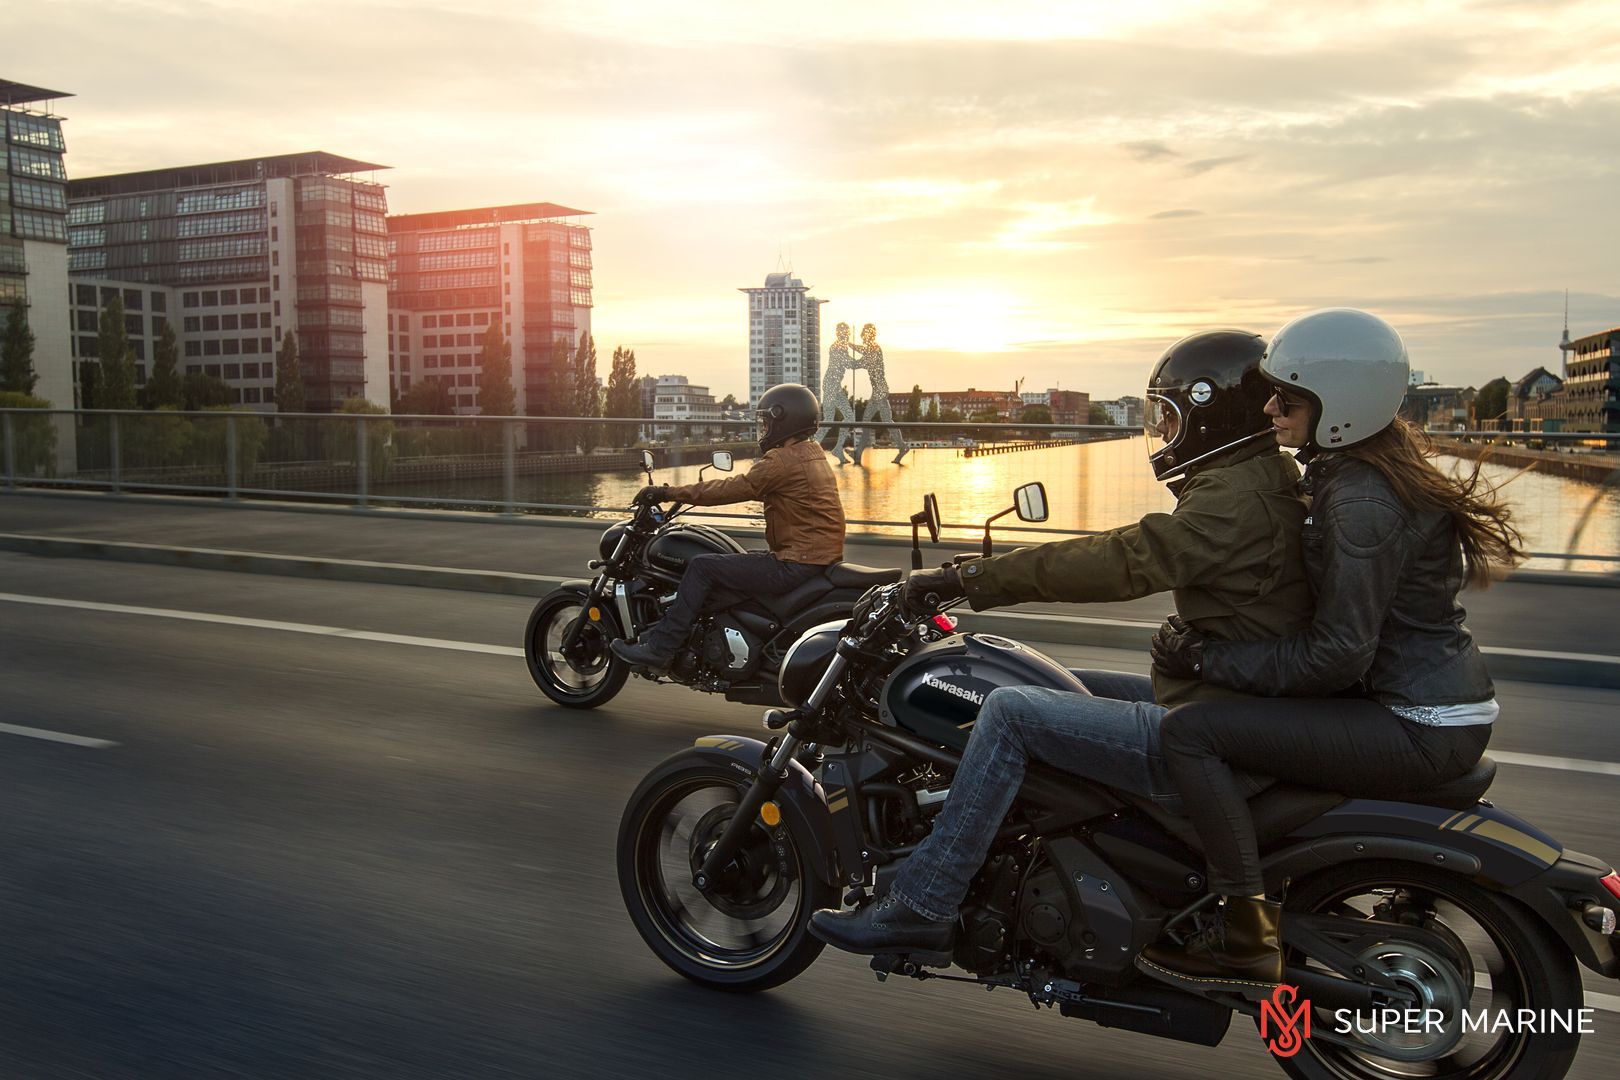 Мотоцикл Kawasaki Vulcan S ABS Черно-Золотистый 2020 - 8